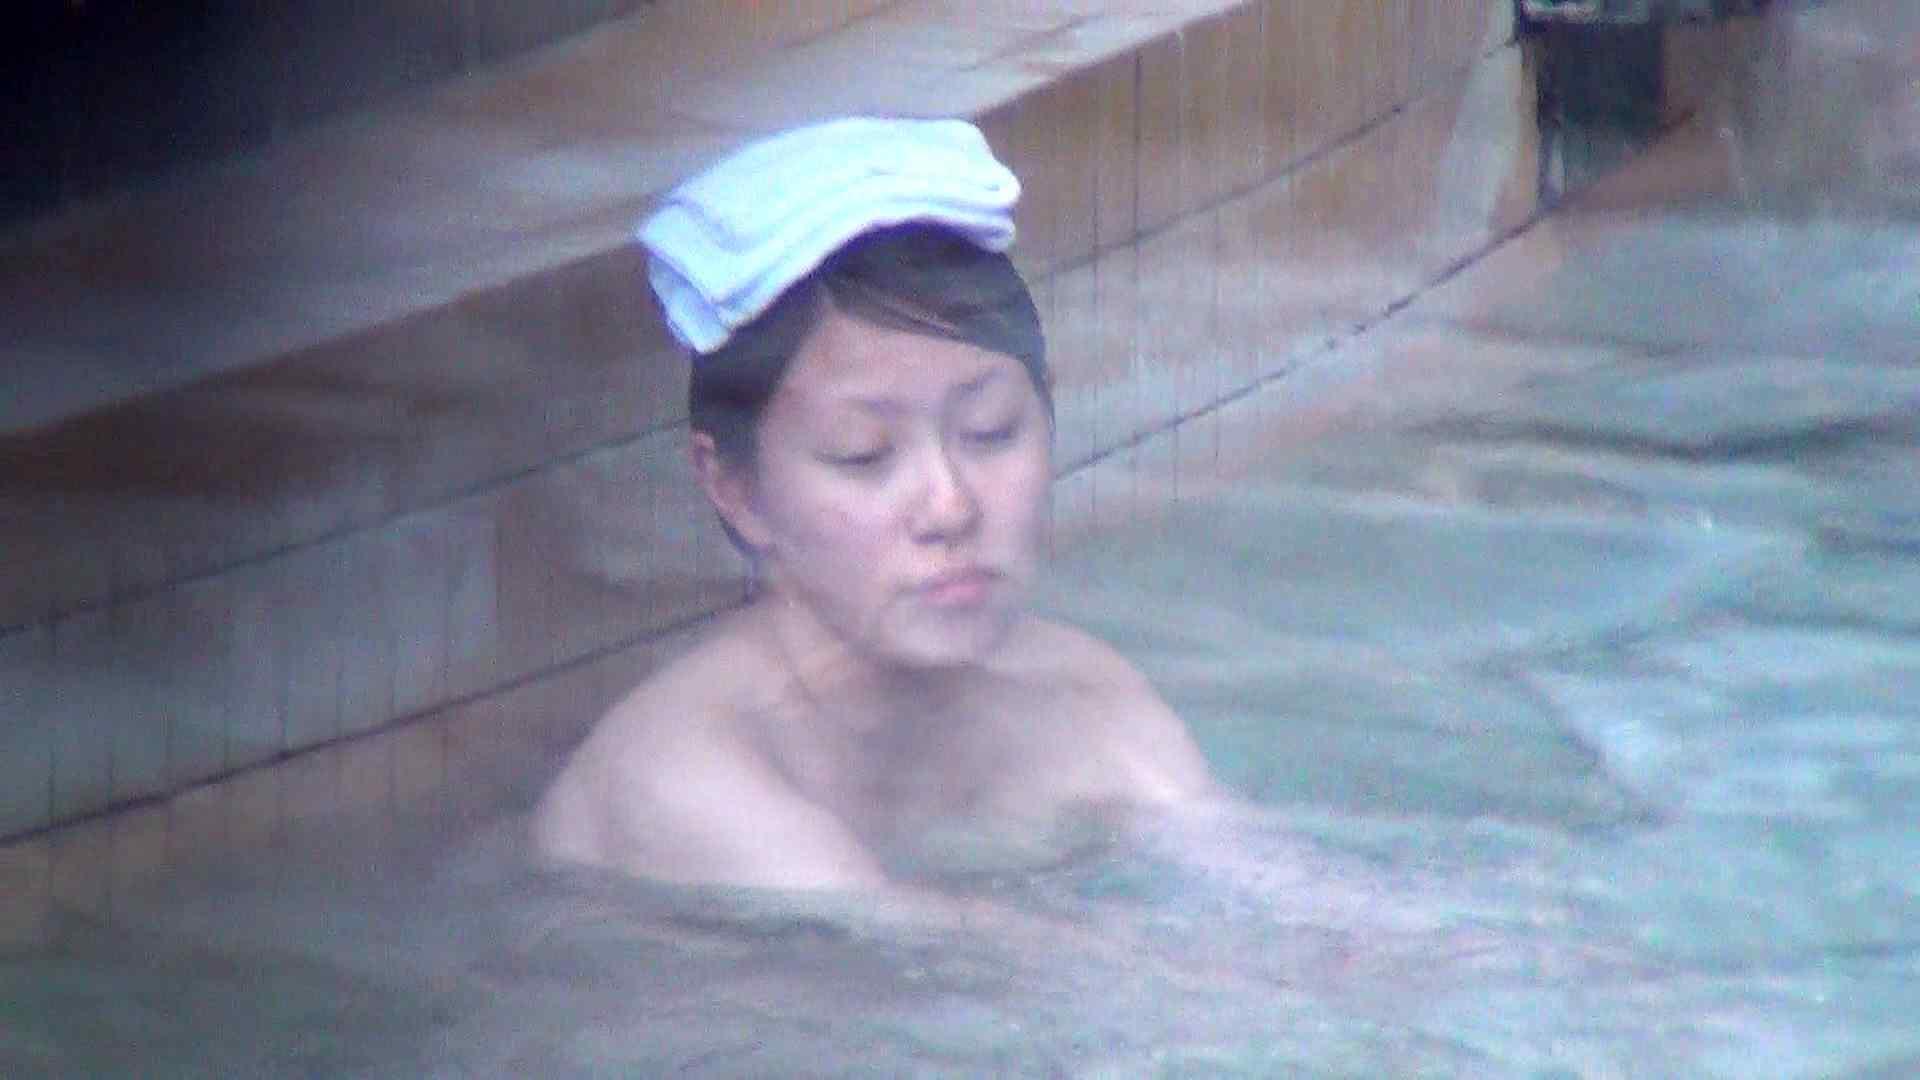 Aquaな露天風呂Vol.289 盗撮 | 露天  49連発 16